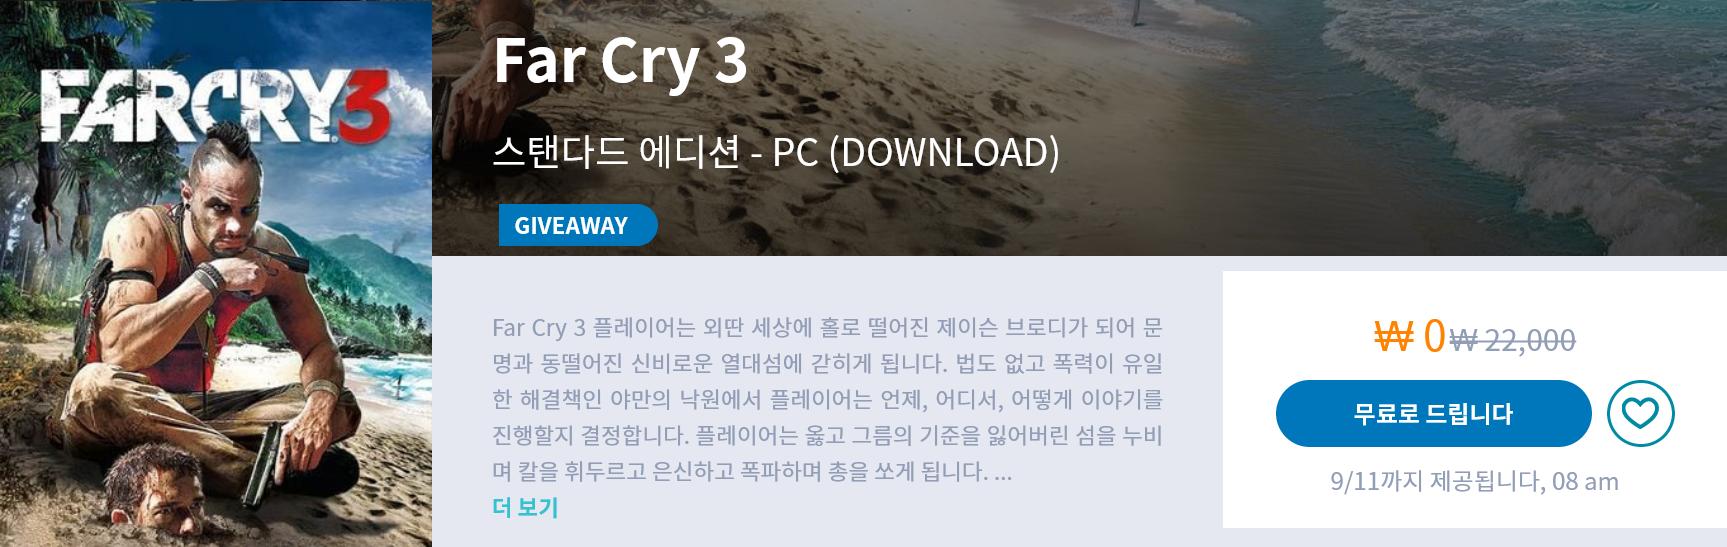 Screenshot 2021-09-07 at 23-10-50 Far Cry® 3 - 잊혀진 탐험.png